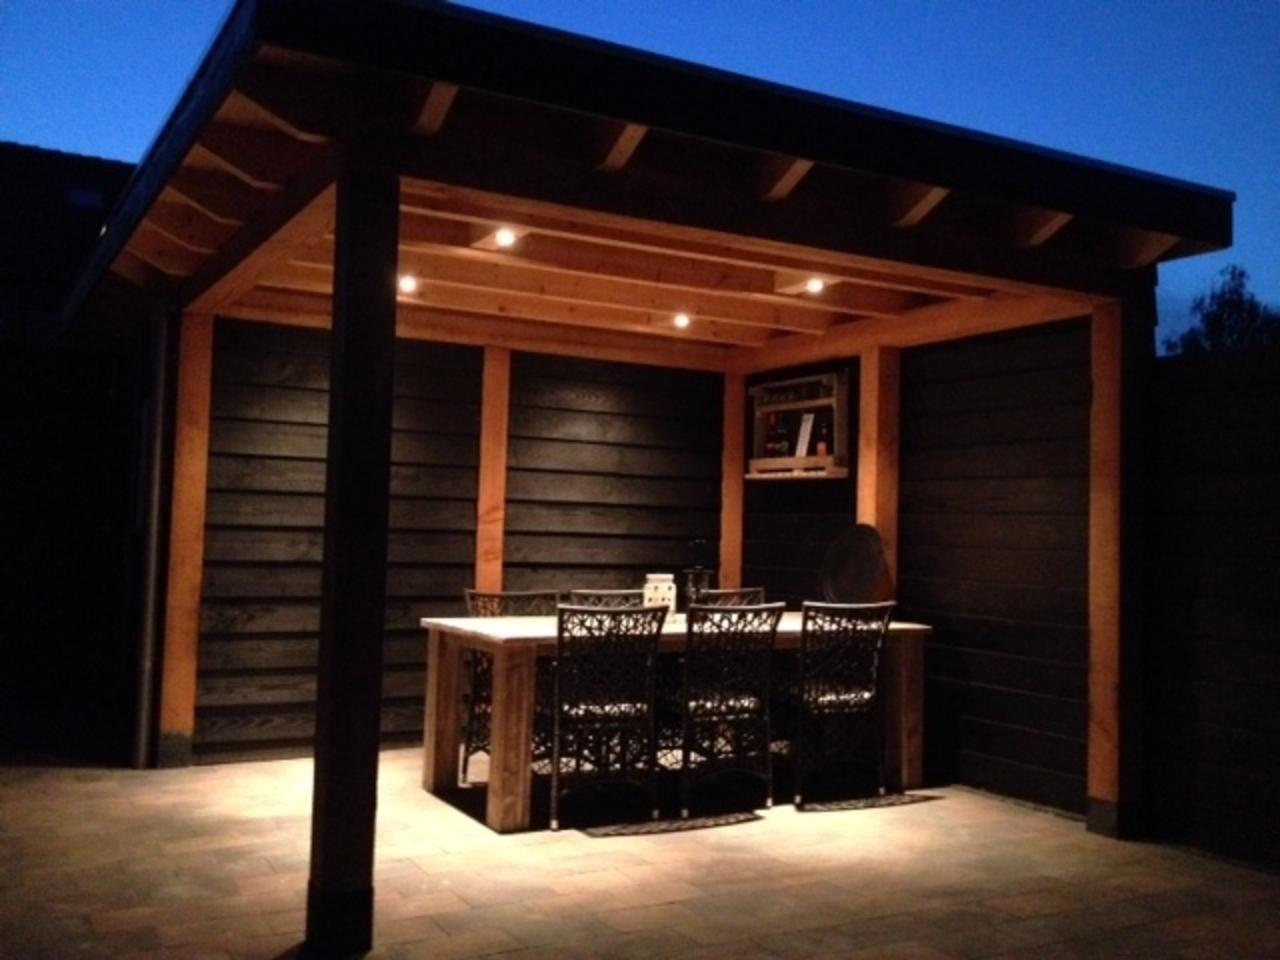 veranda verlichting - Google zoeken | Lights | Pinterest | Verandas ...